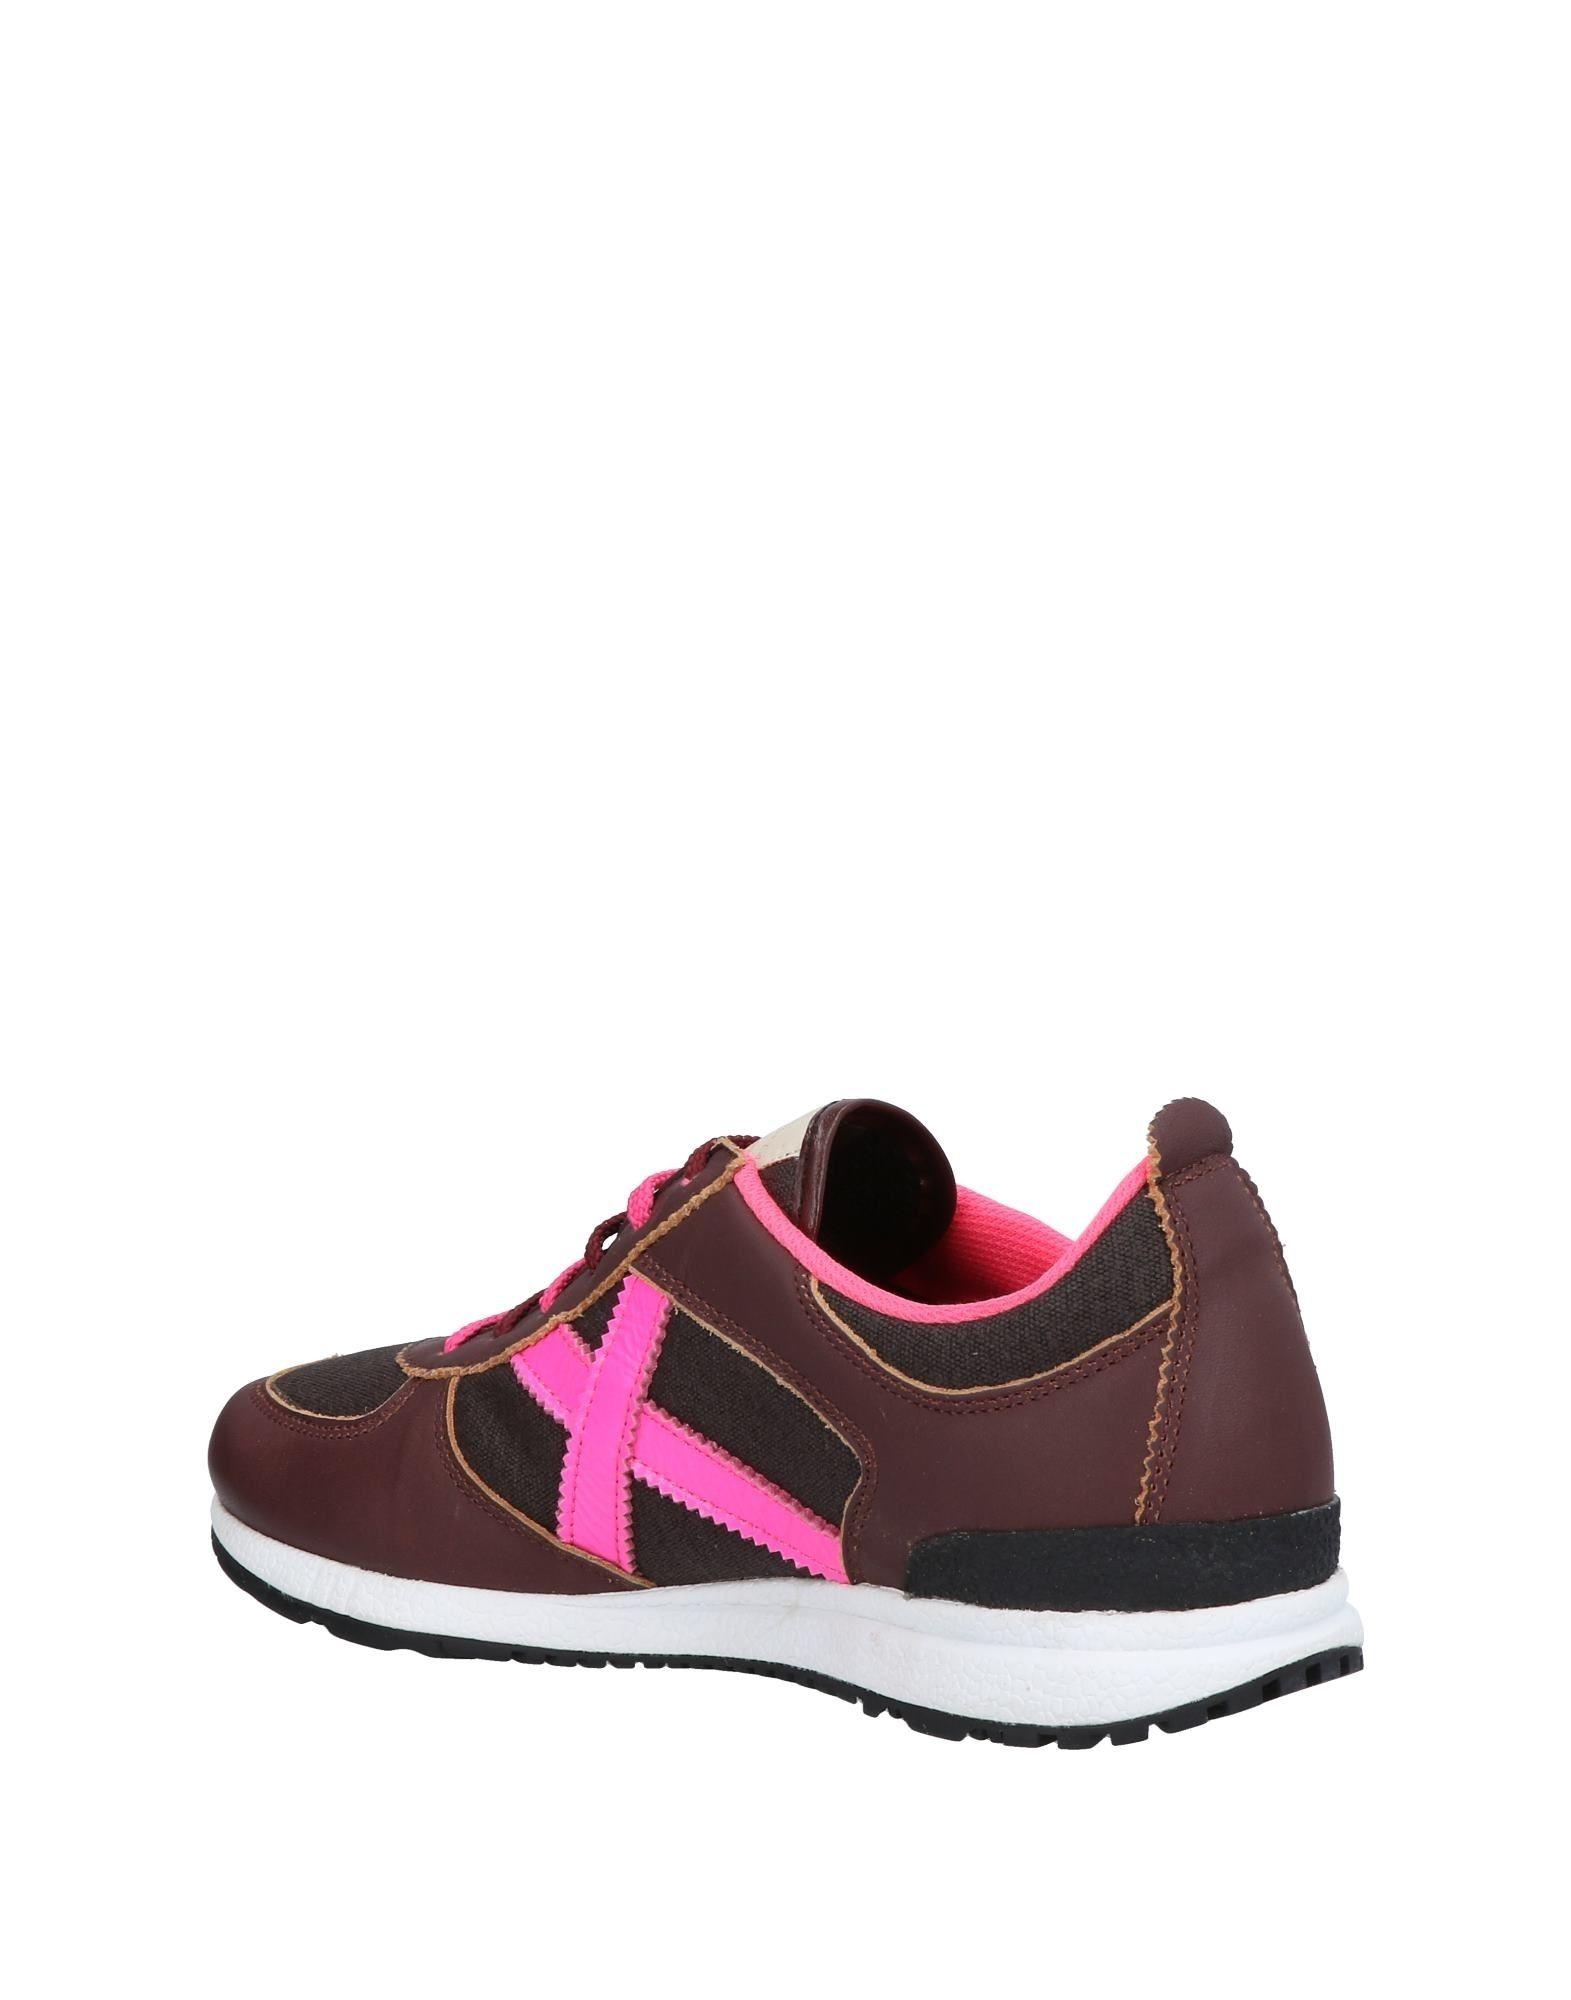 Munich Sneakers Damen  11454105LI Gute Qualität beliebte Schuhe Schuhe beliebte da4ed9